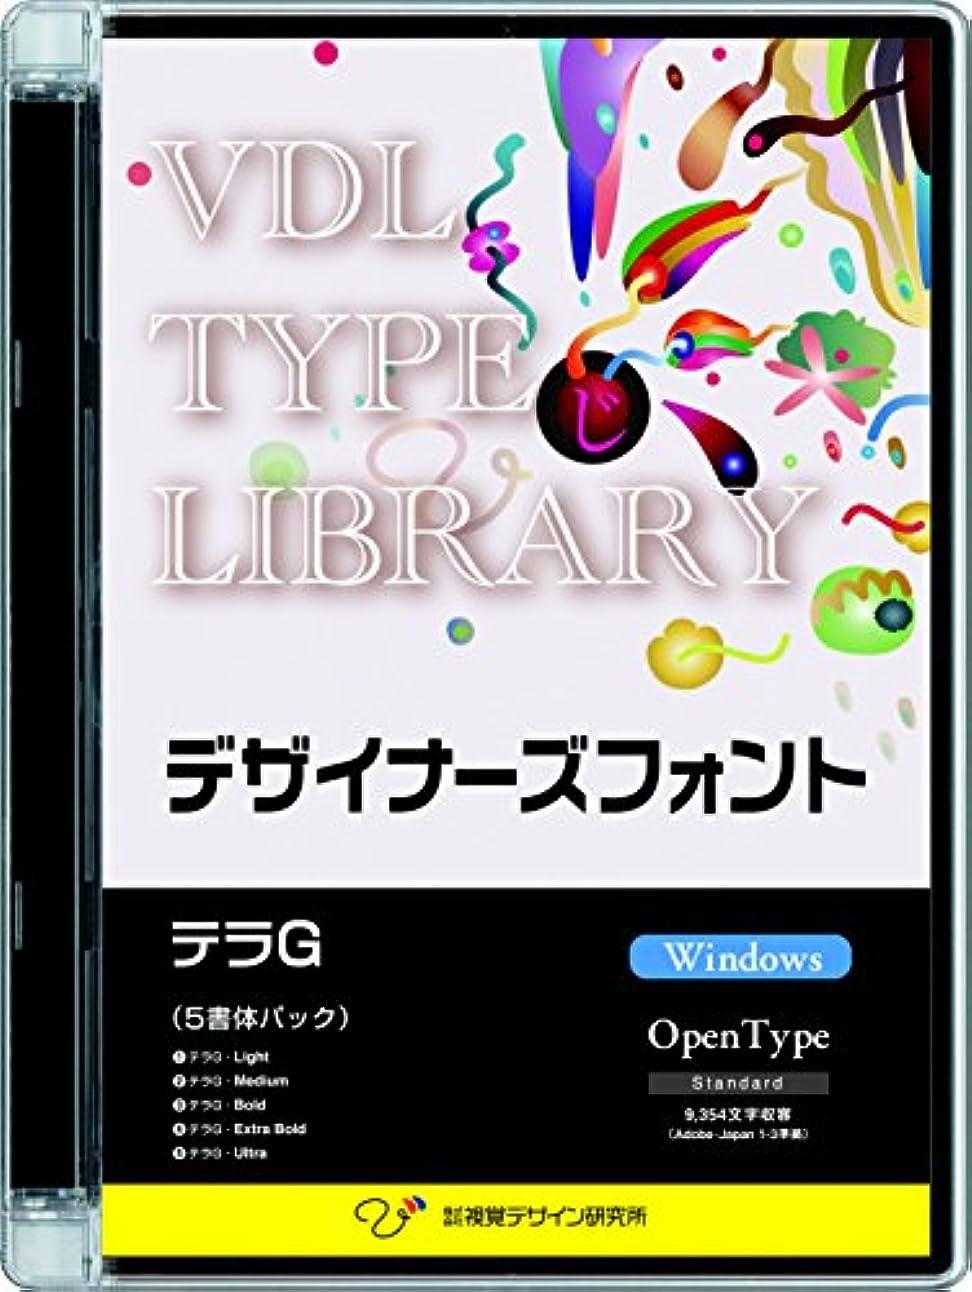 液体パリティわなVDL TYPE LIBRARY デザイナーズフォント OpenType (Standard) Windows テラG ファミリーパック